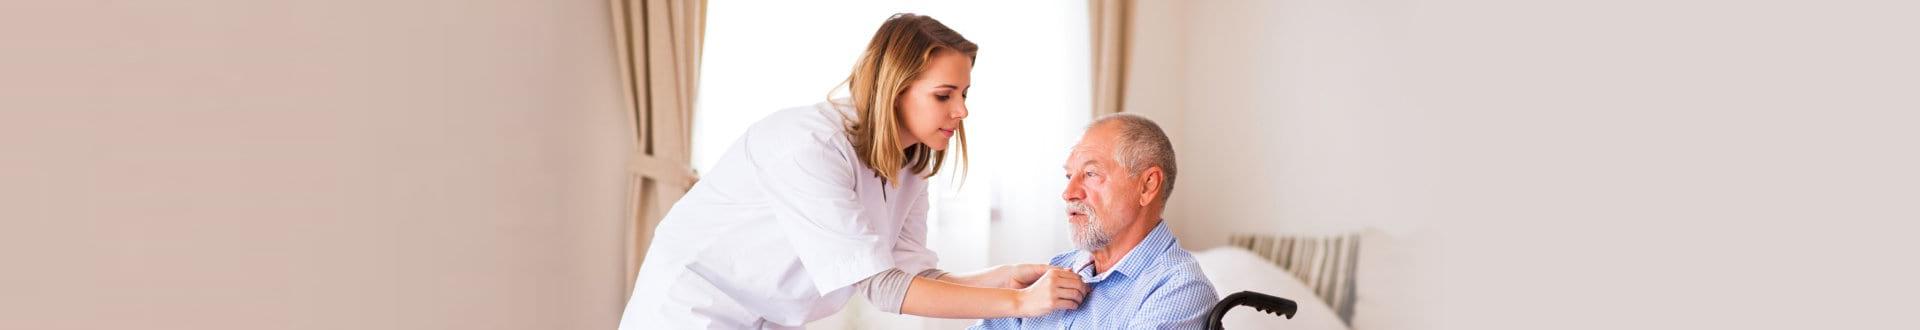 caregiver assisting senior man on bed